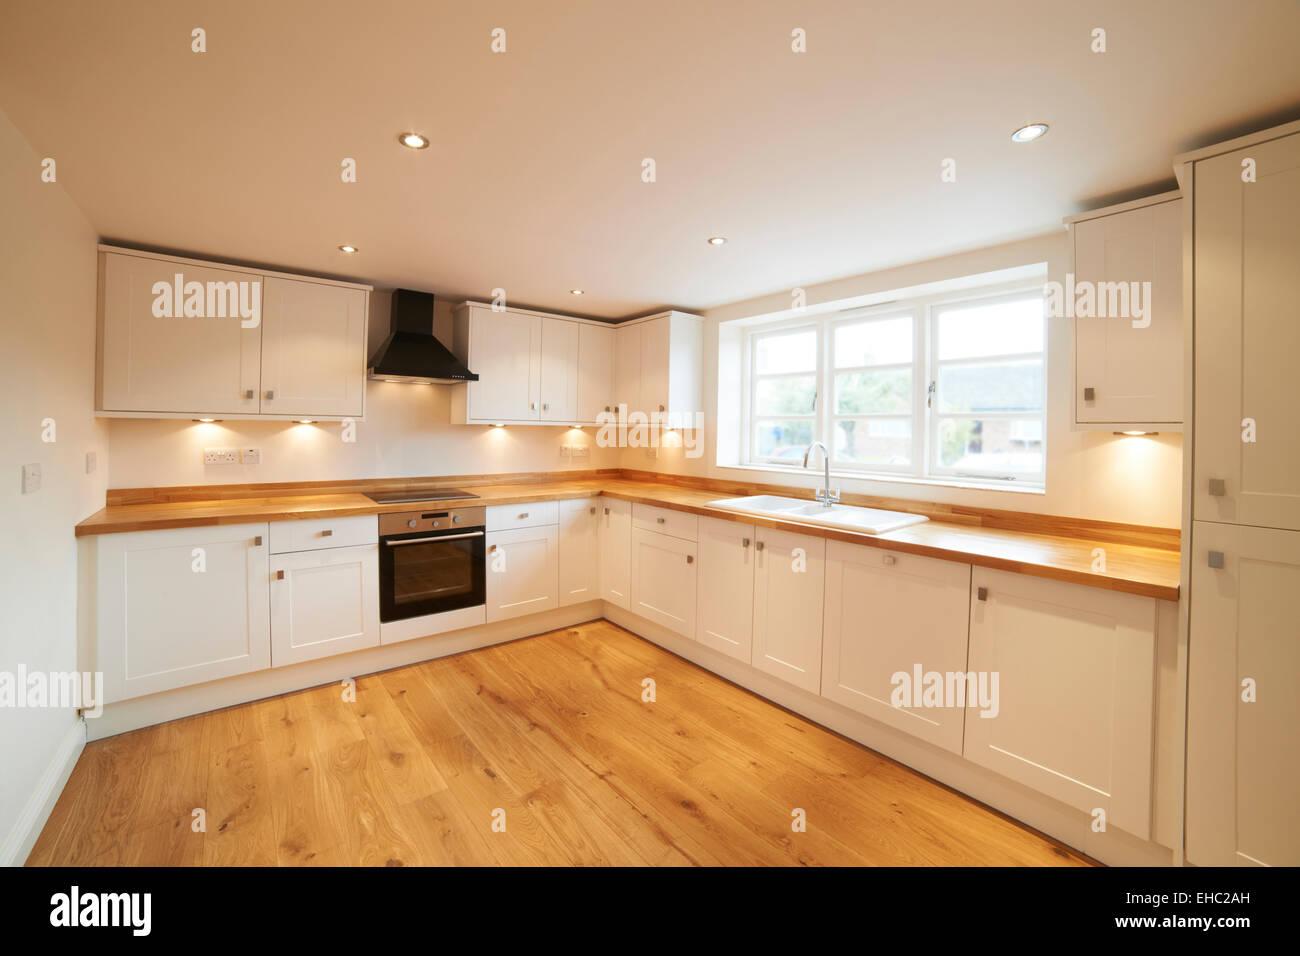 Schöne Einbauküche im modernen Haus Stockbild